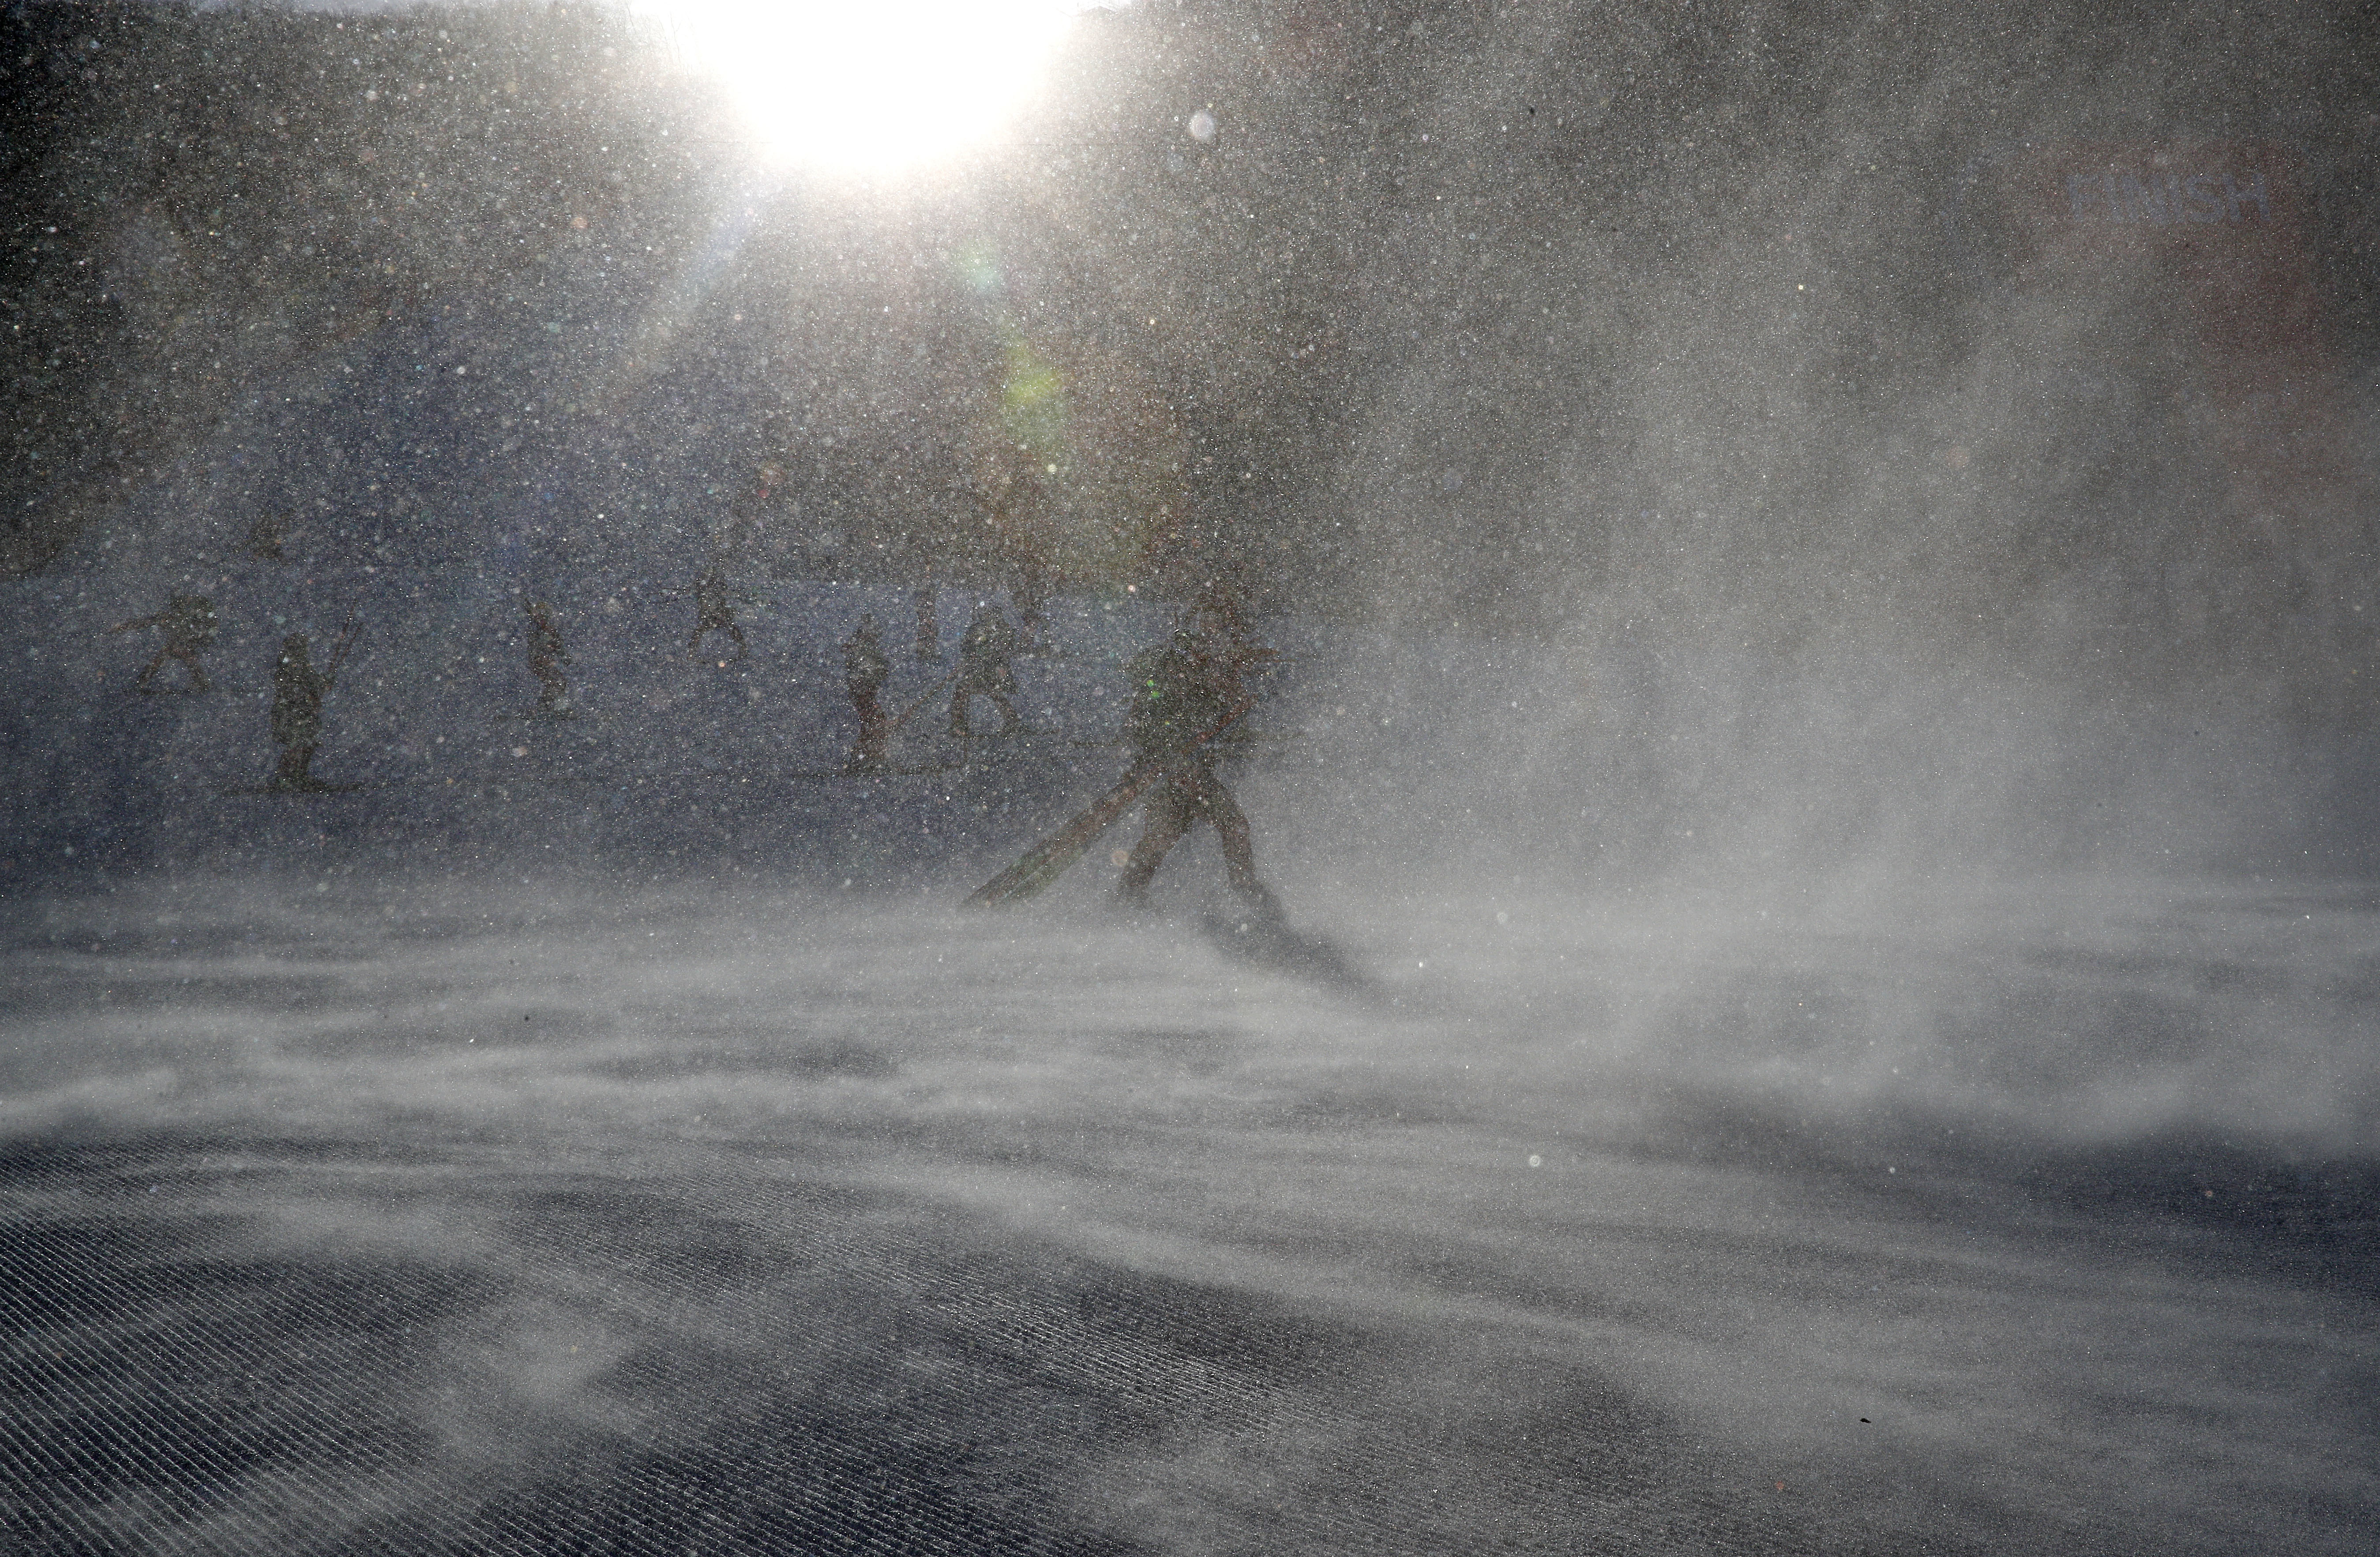 Folyamatosan halasztják el a síversenyeket a phjongcshangi időjárás miatt